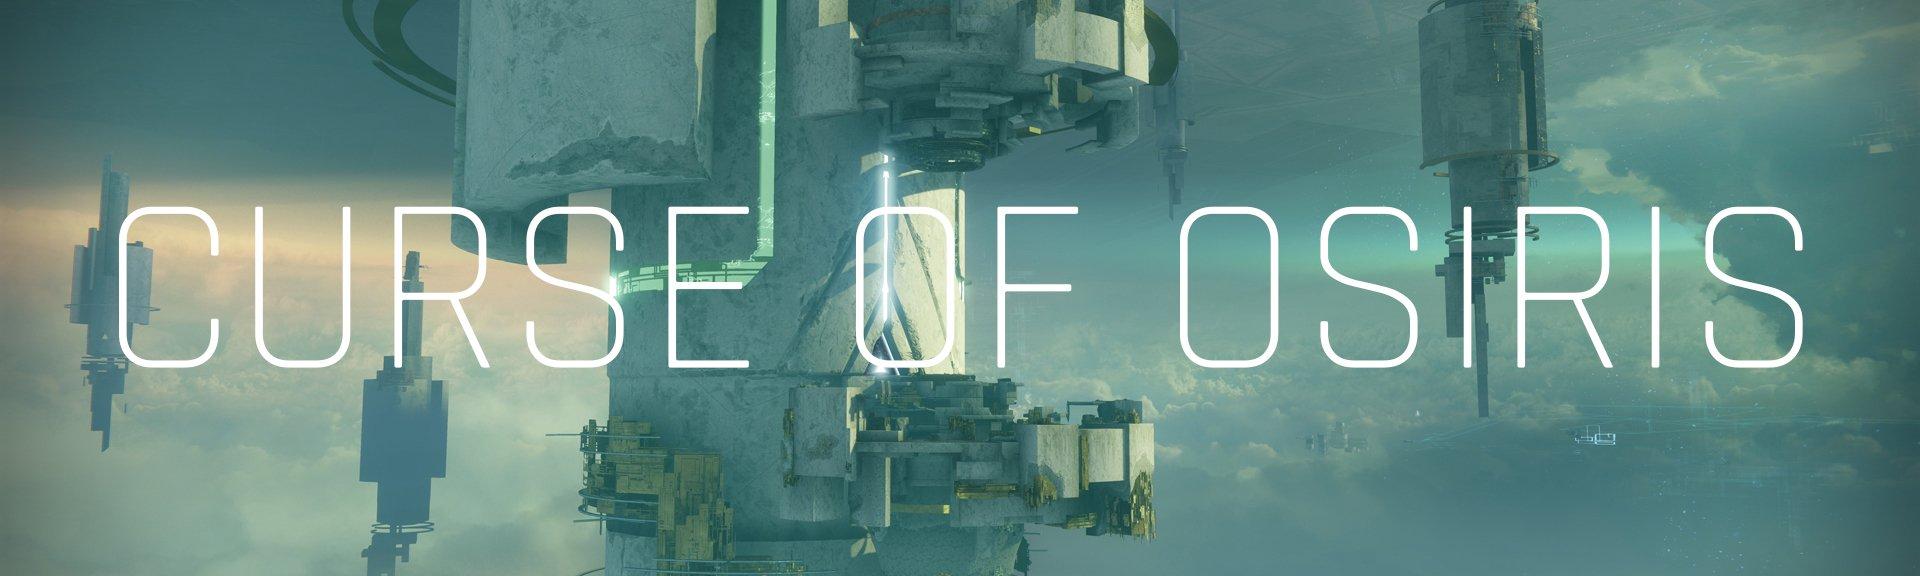 destiny-2-curse-of-osiris-guide-header-f